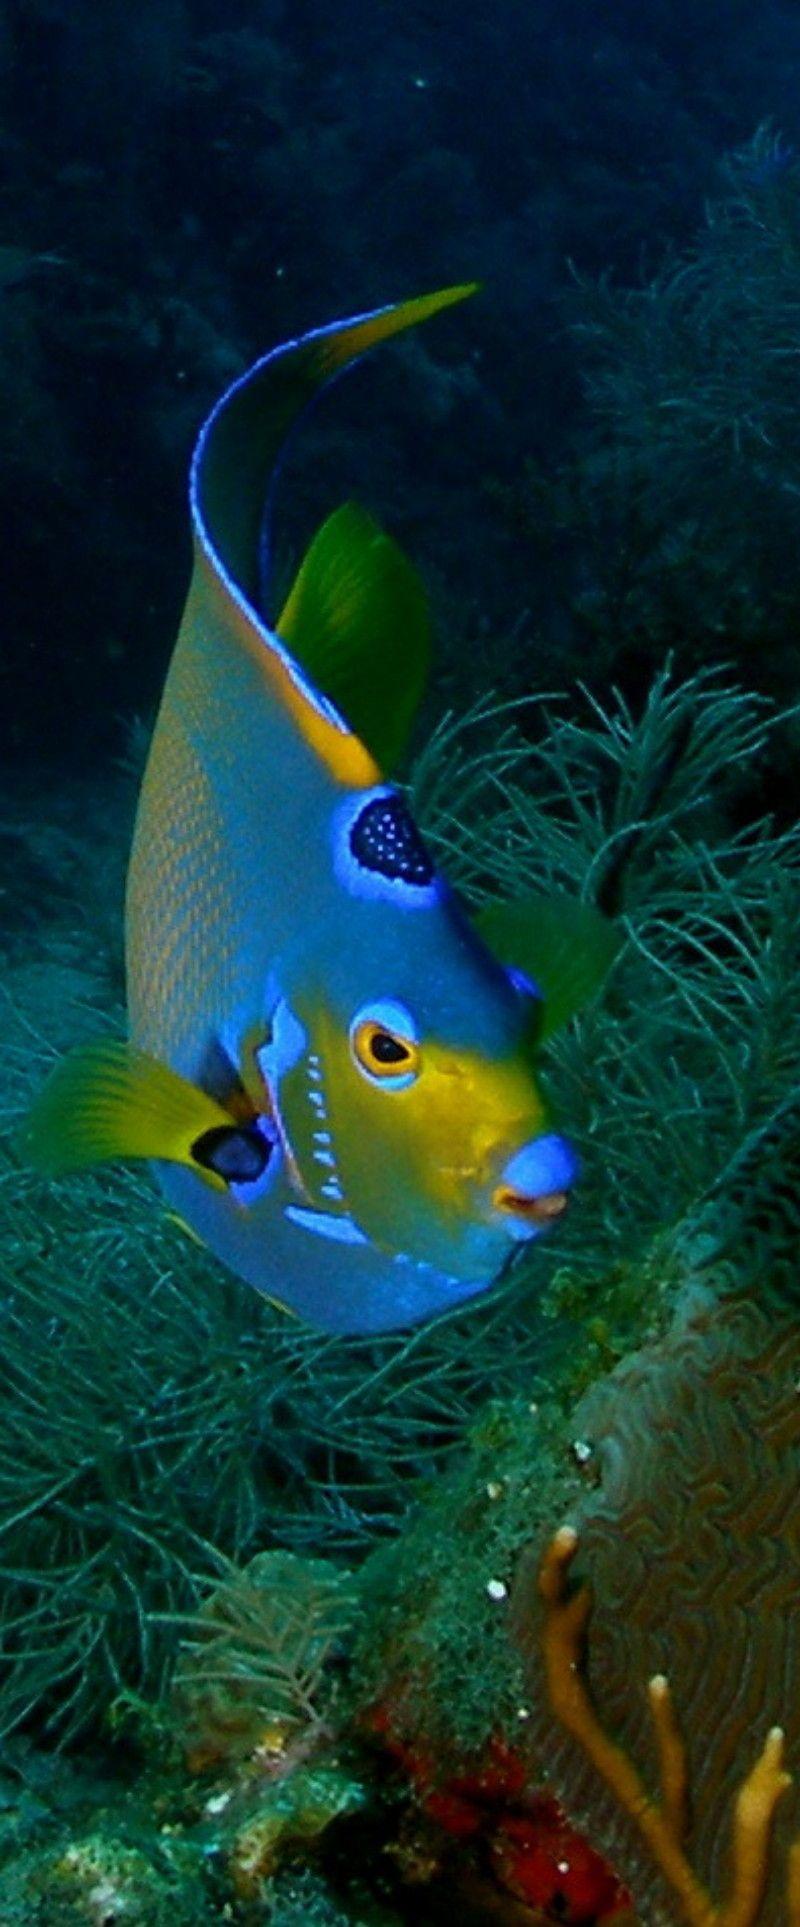 Pin de Heather Hampl en Ocean | Pinterest | Marino, Bellisima y Acuario